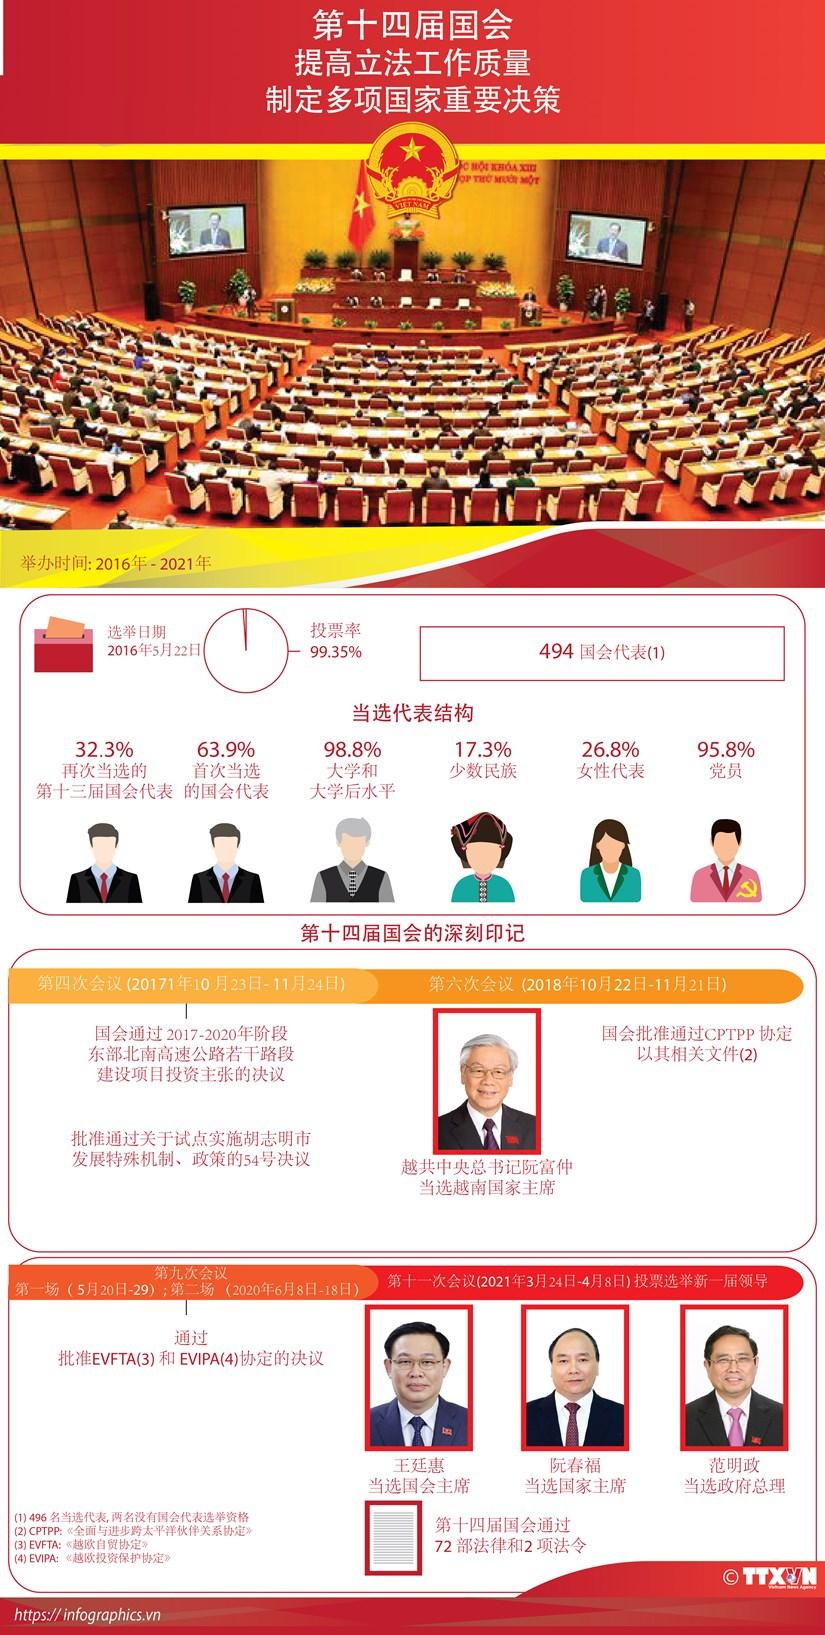 图表新闻:第十四届国会:提高立法工作质量 制定多项国家重要决策 hinh anh 1